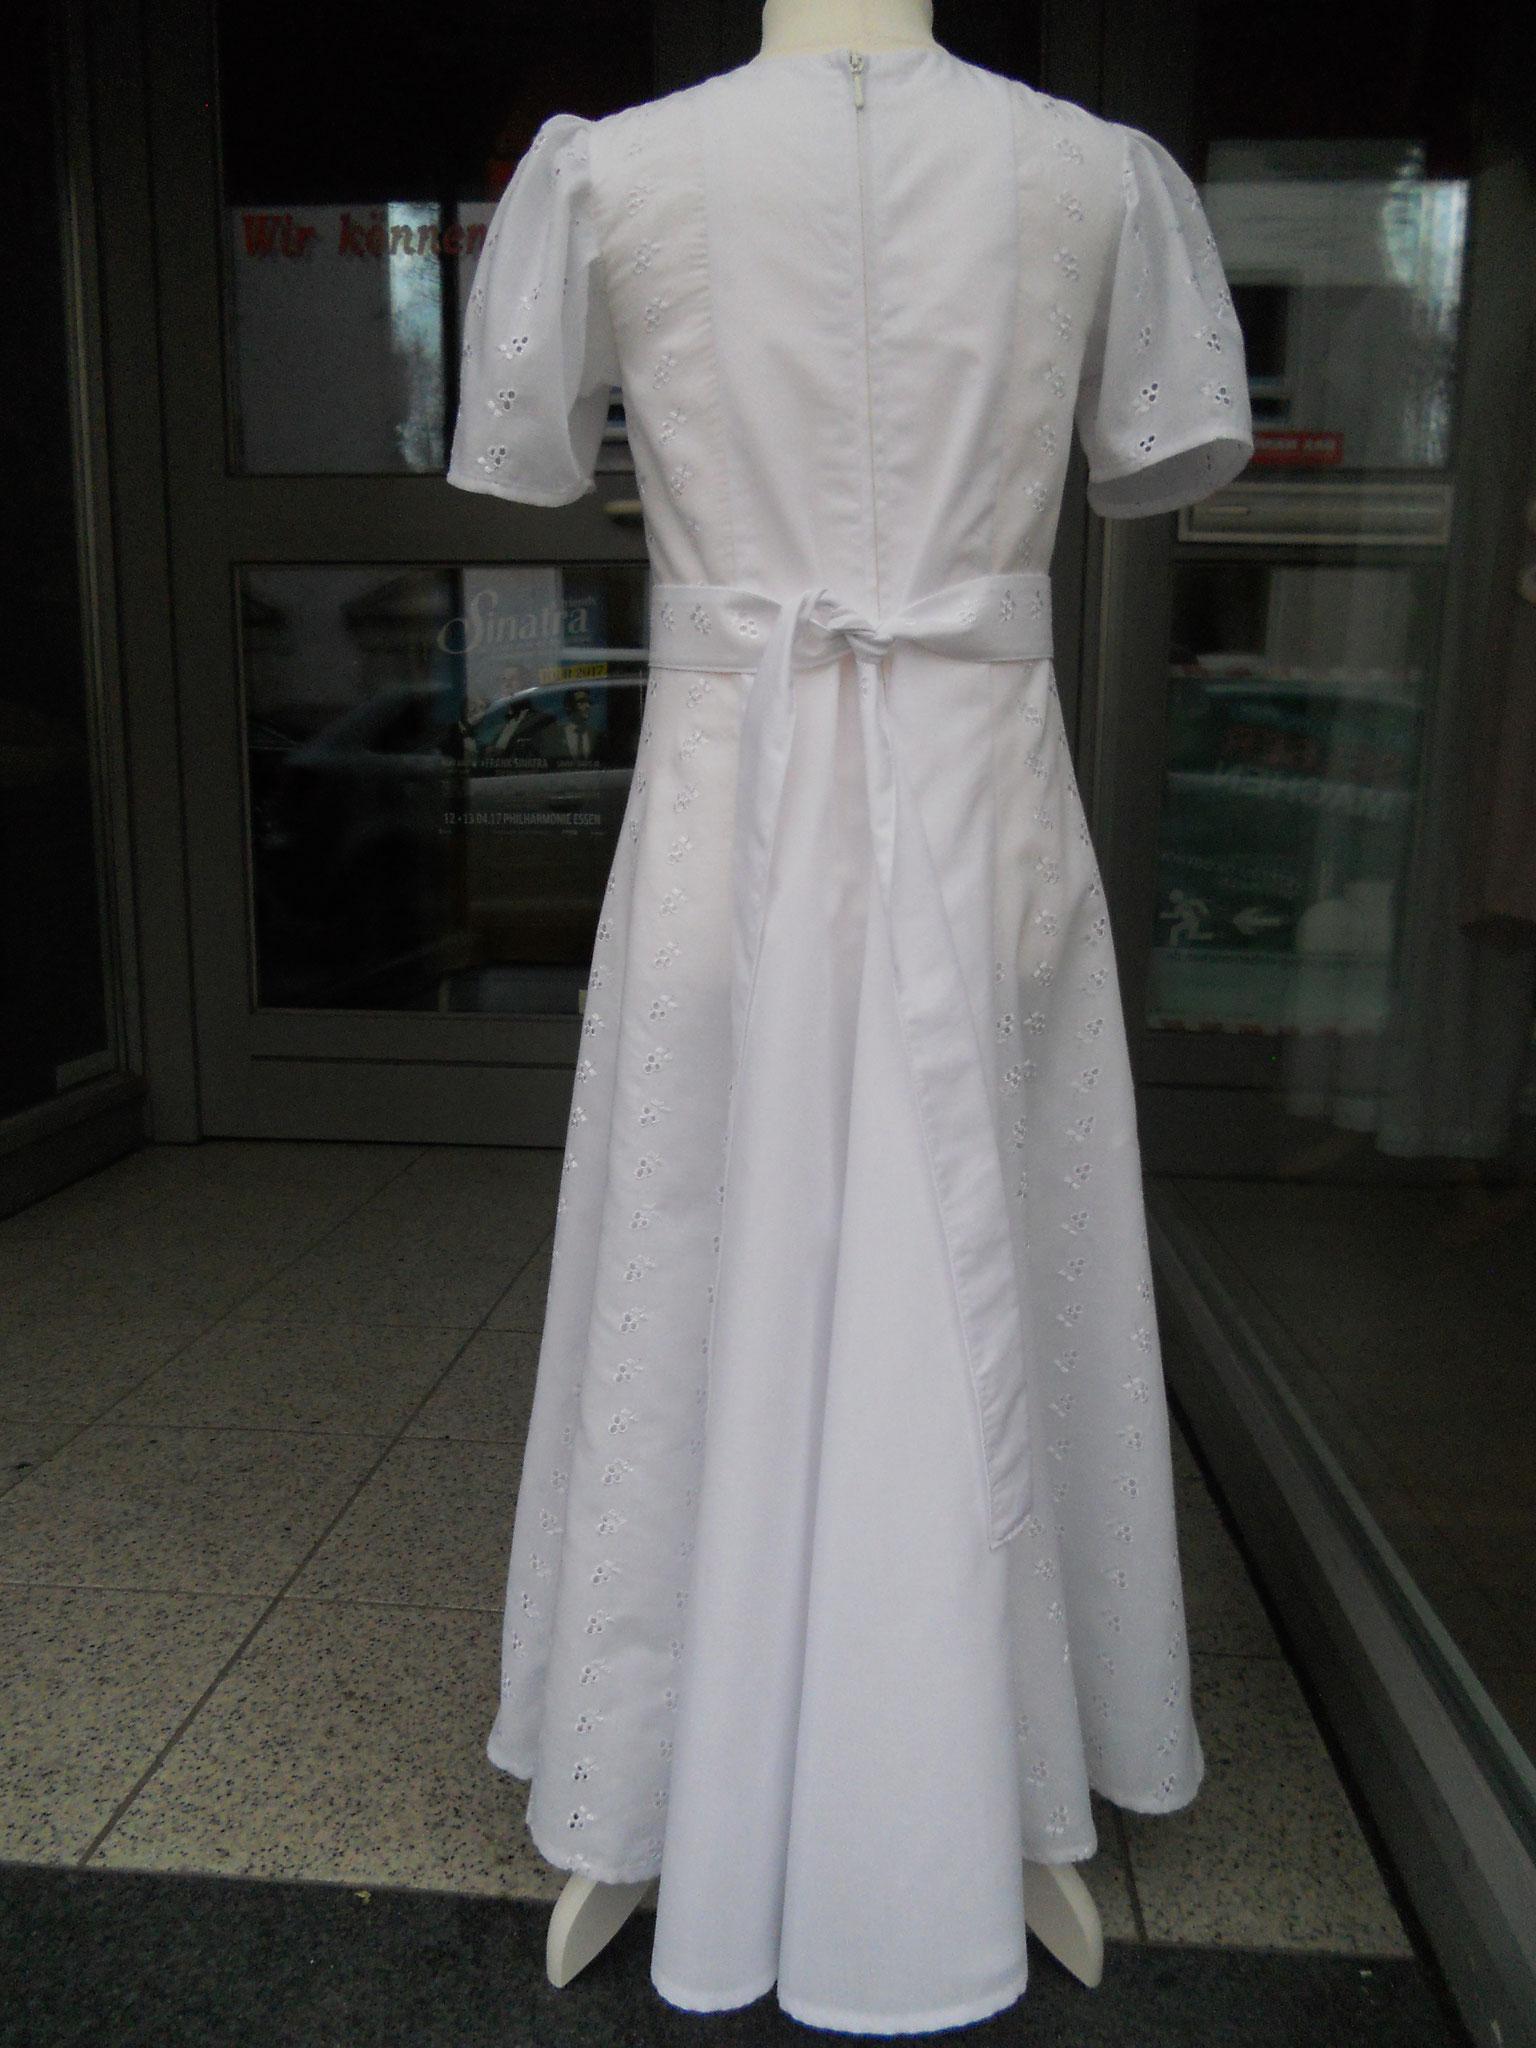 festliches Kleid, Kommunionkleid, Gr. 122, Rückenansicht,  98 €